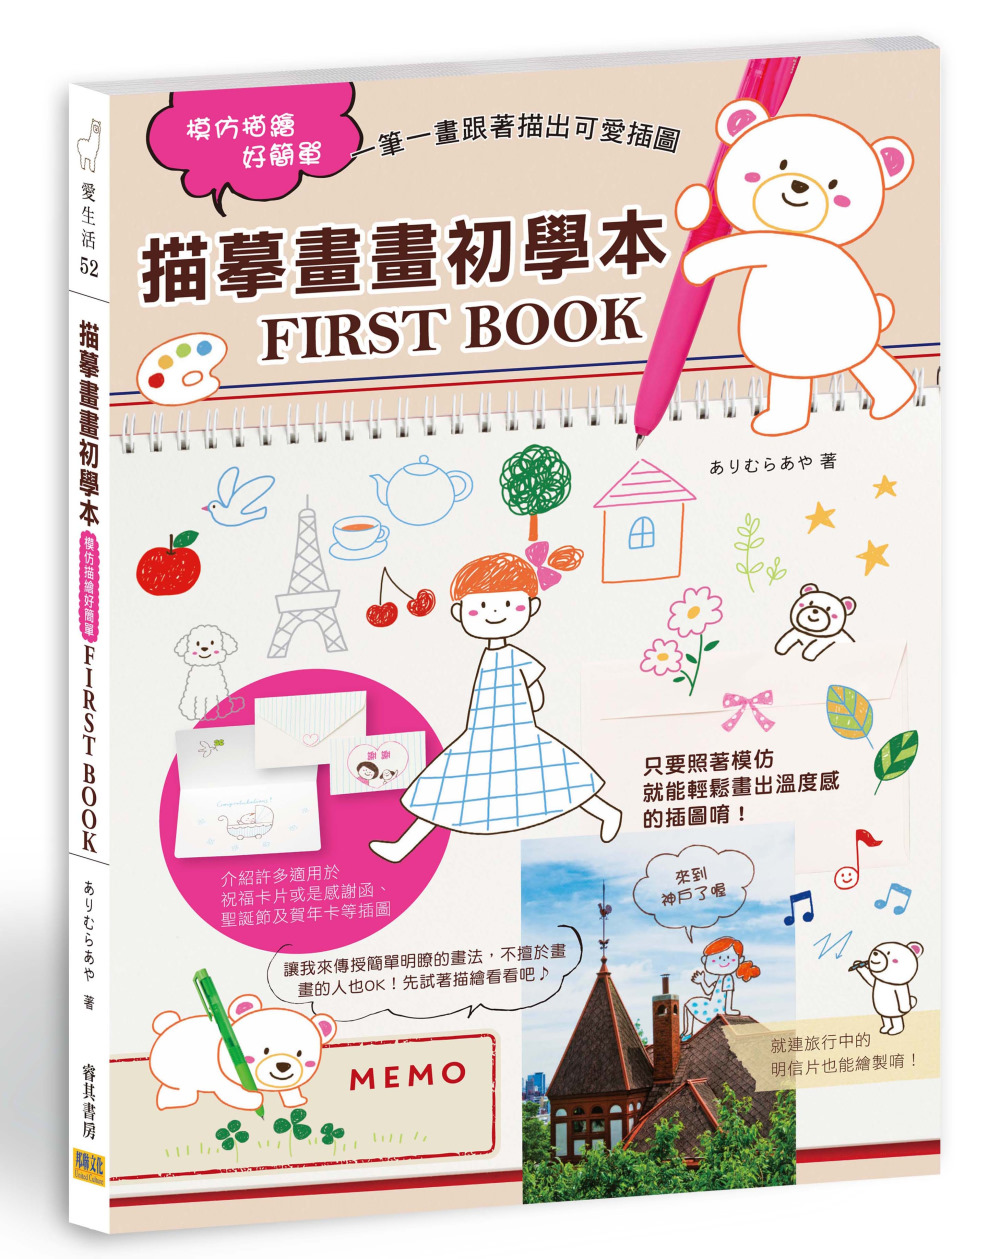 描摹畫畫初學本 FIRST BOOK:模仿描繪好簡單,一筆一畫跟著描出可愛插圖